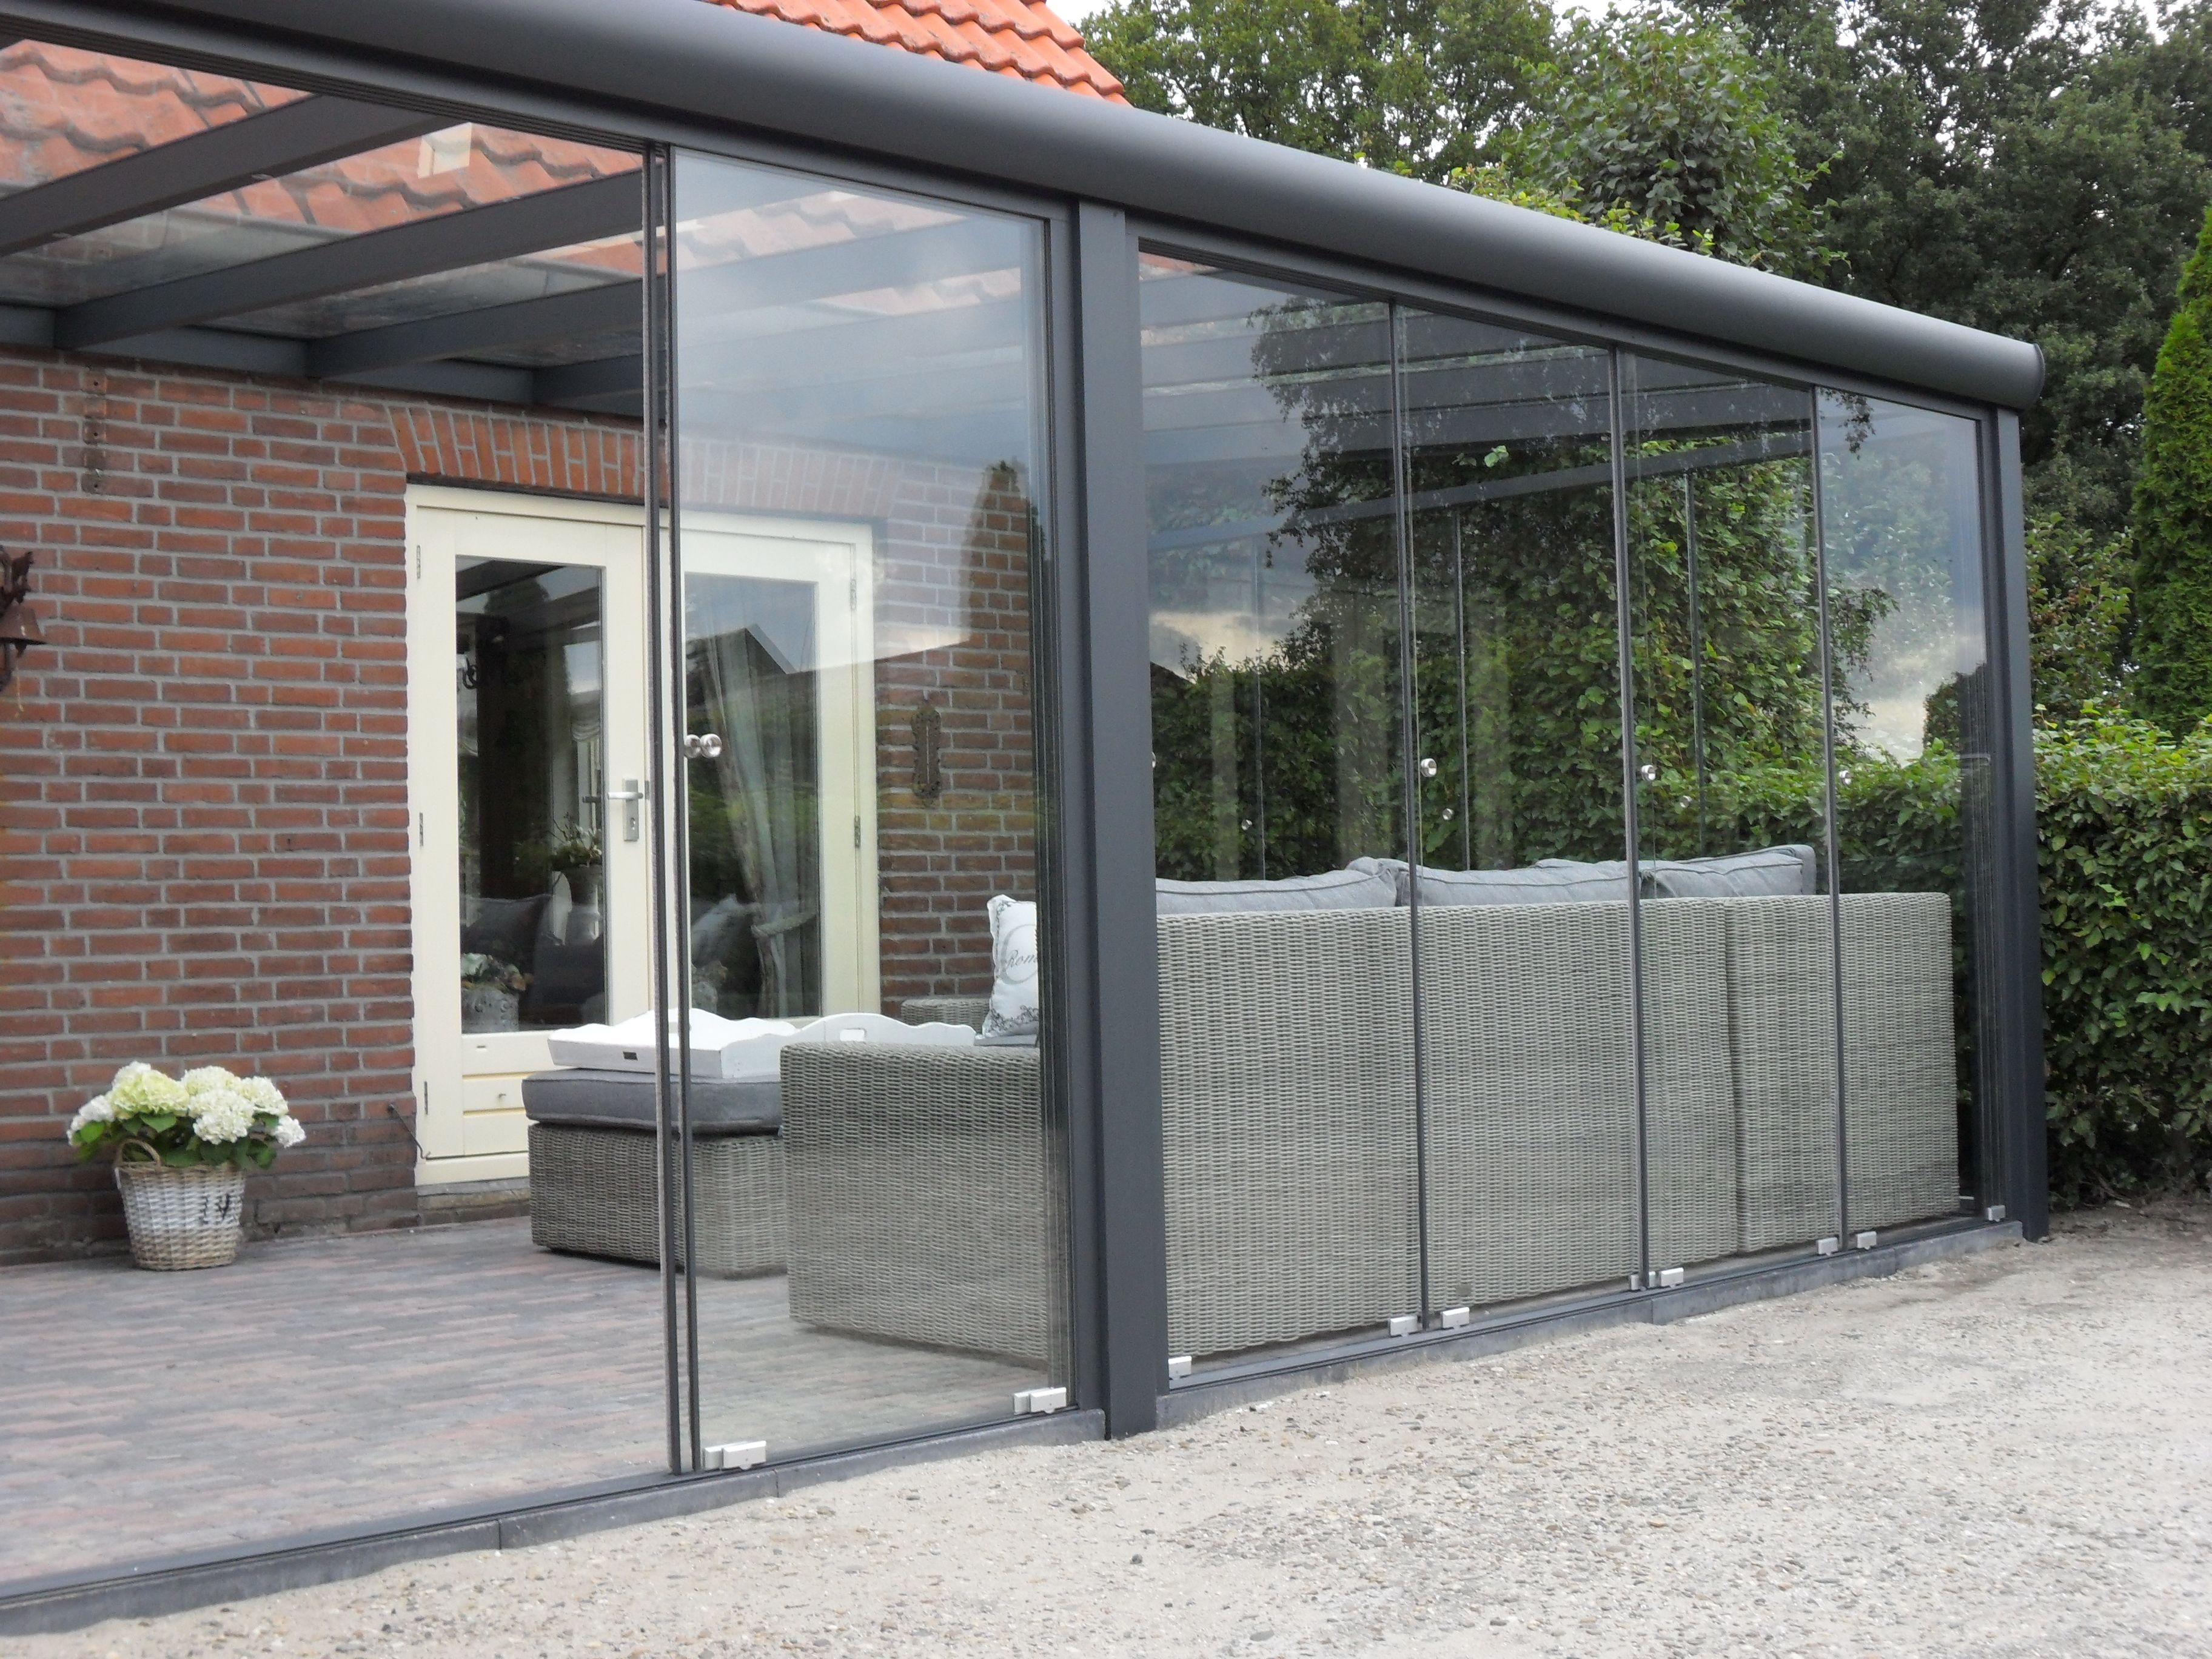 Aluminium terrasoverkapping veranda met glasschuifwandsysteem - Aluminium pergola met schuifdeksel ...